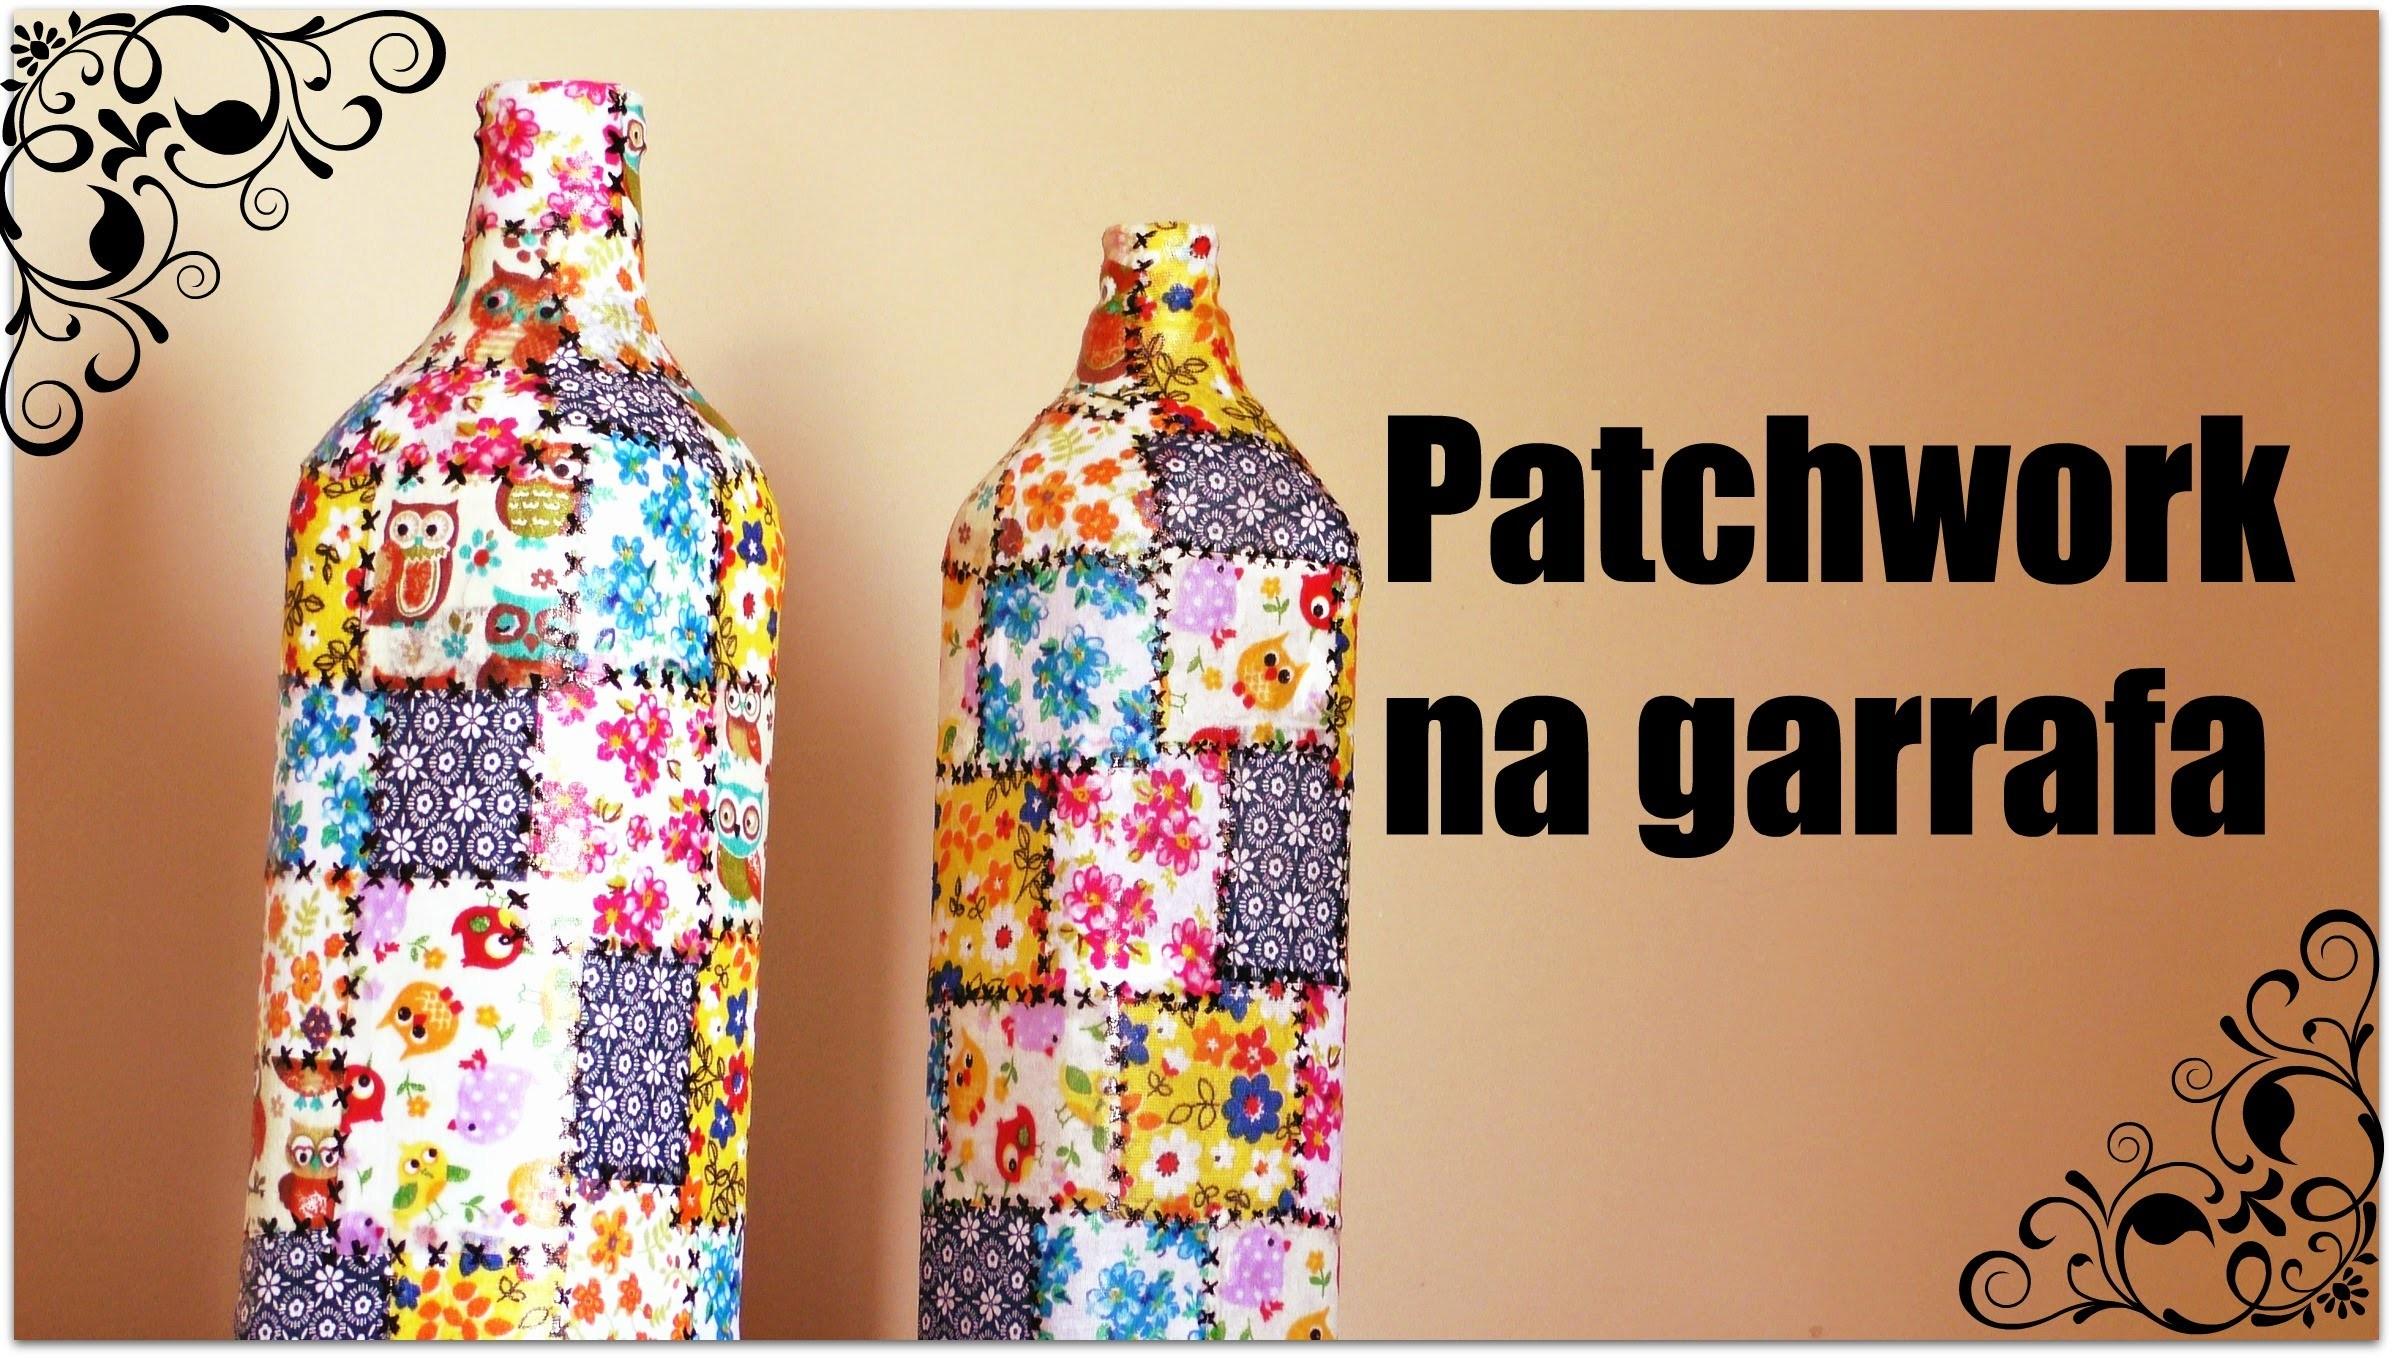 DIY: Garrafas decoradas com retalhos de tecido - patchwork na garrafa -Compartilhando arte